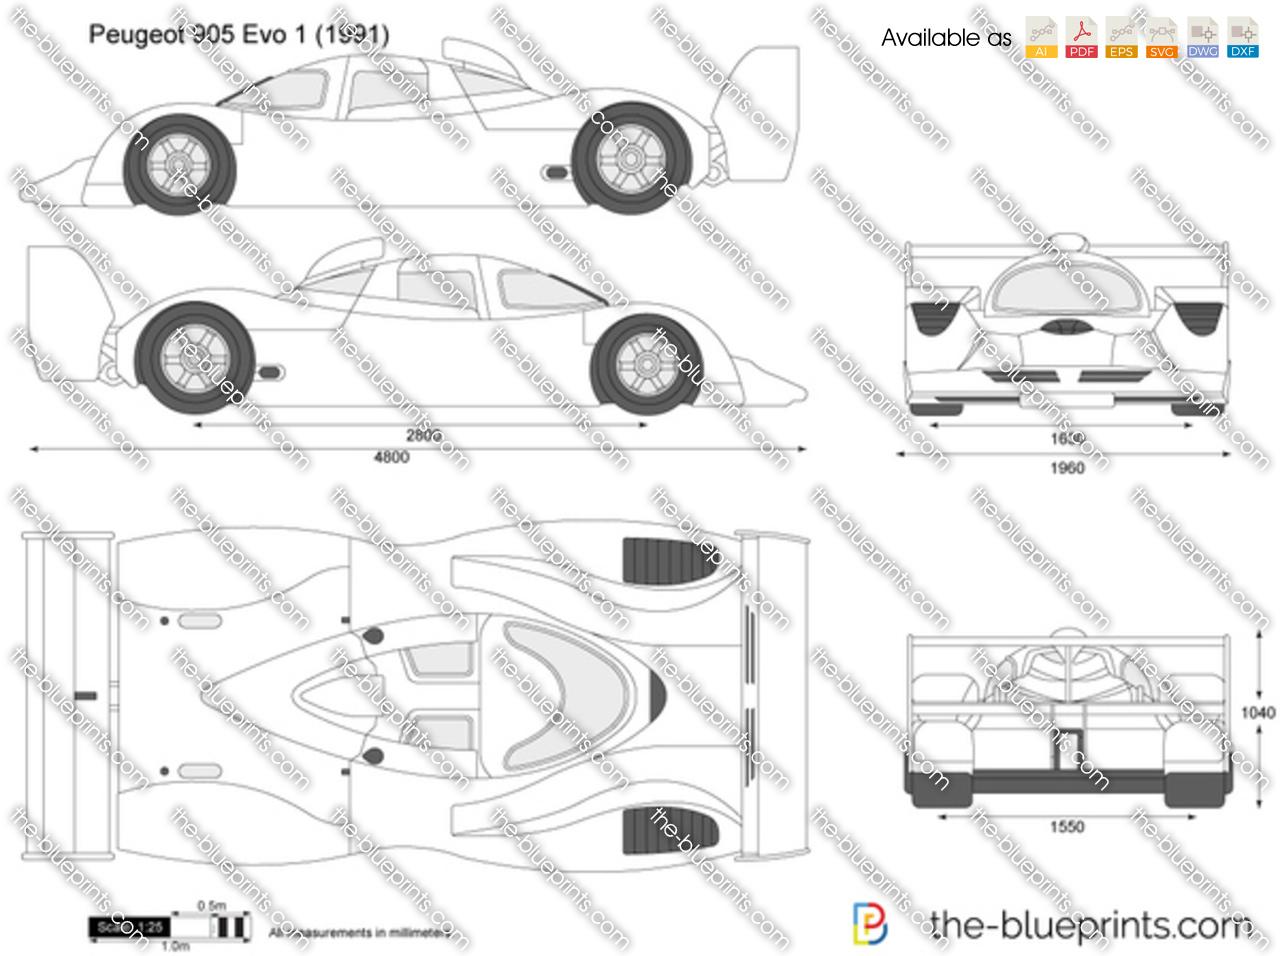 Peugeot 905 Evo 1